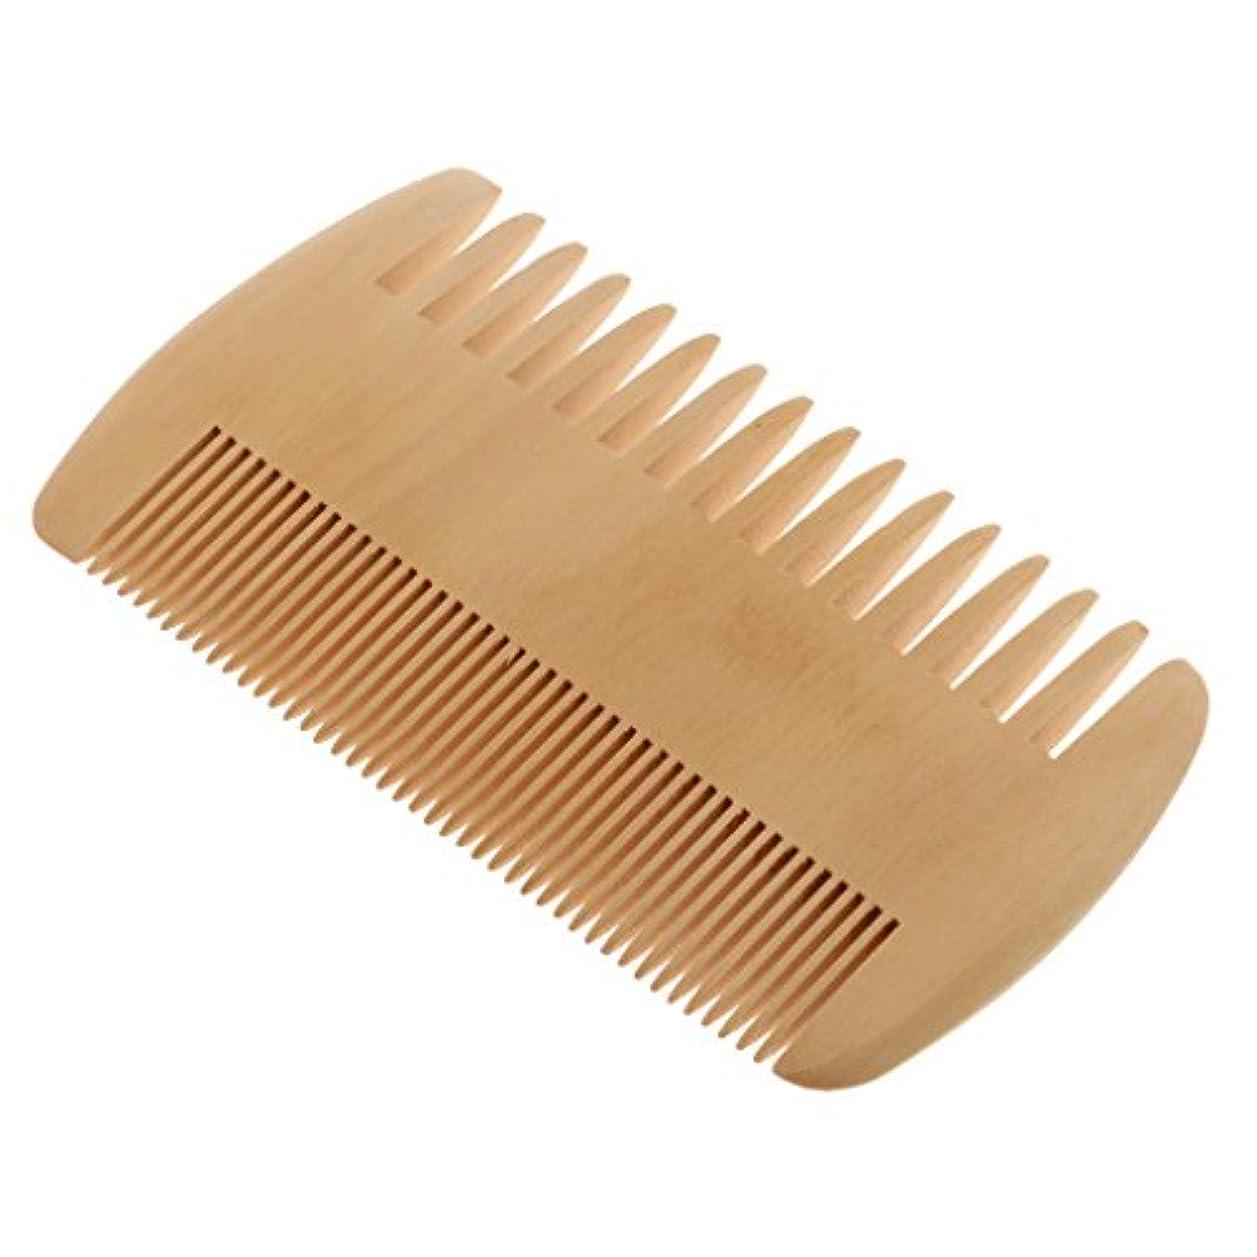 近似カビ適切にCUTICATE 木製コーム 木製櫛 ヘアブラシ 帯電防止櫛 ポケットコーム ヘアスタイリング 用品